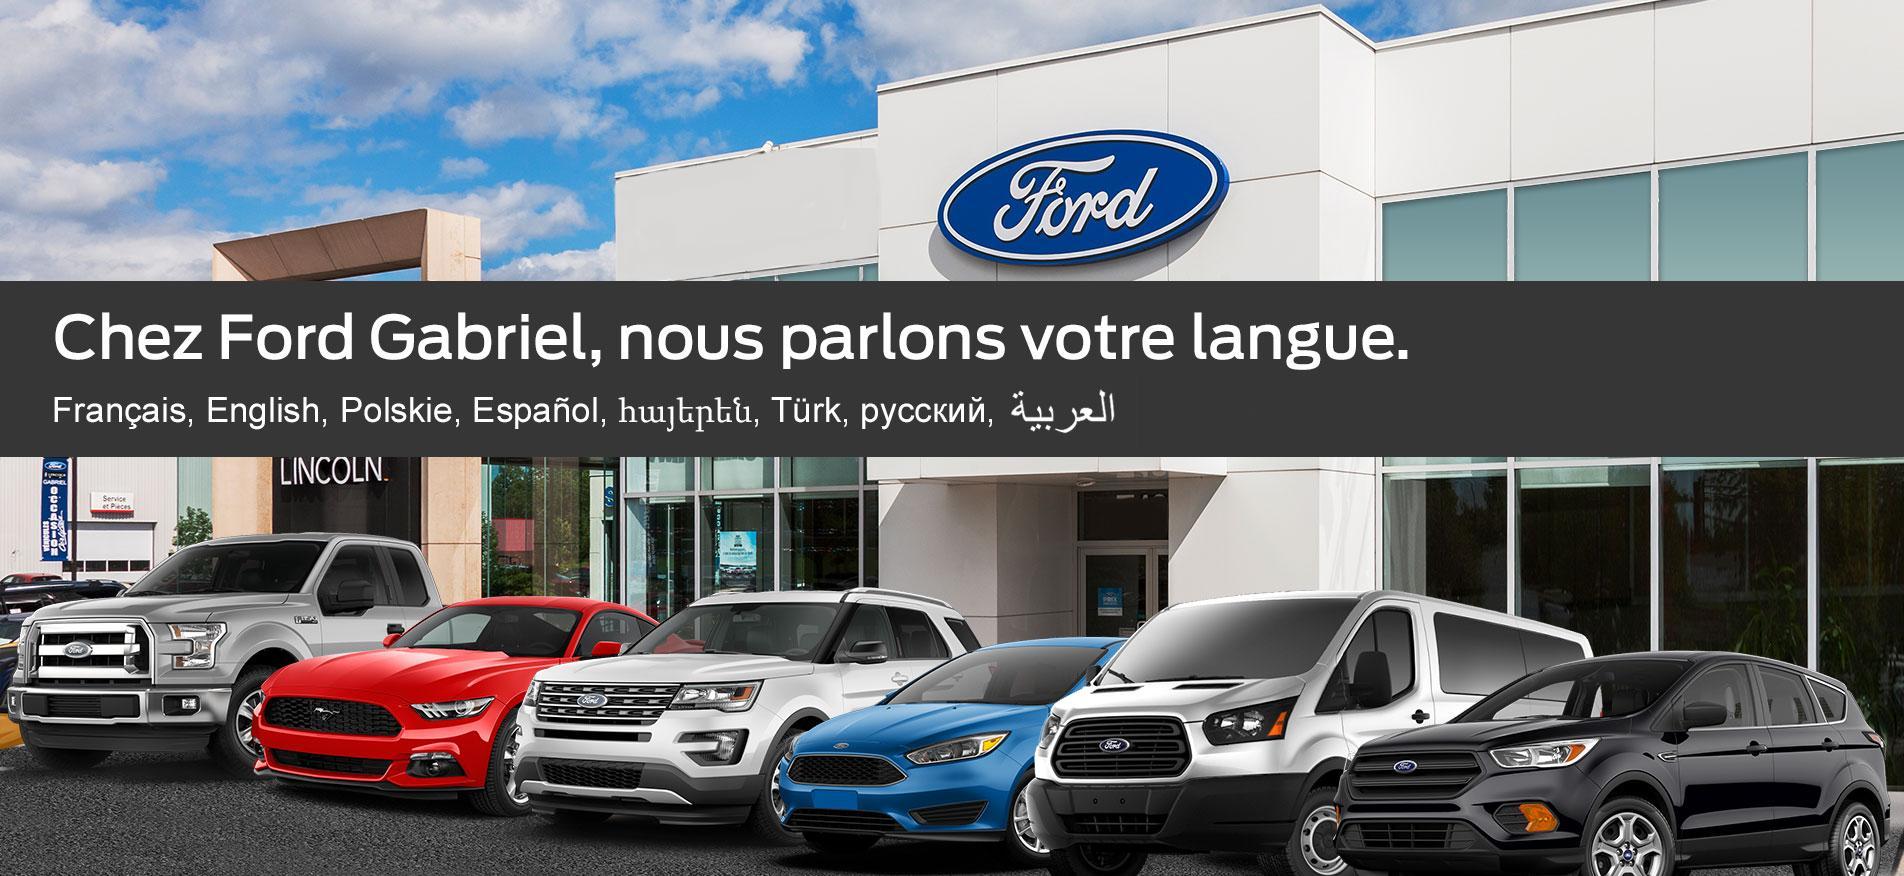 Ford Lincoln Gabriel Montreal Français, English, Polskie, Español, հայերեն, Türk, русский, العربية